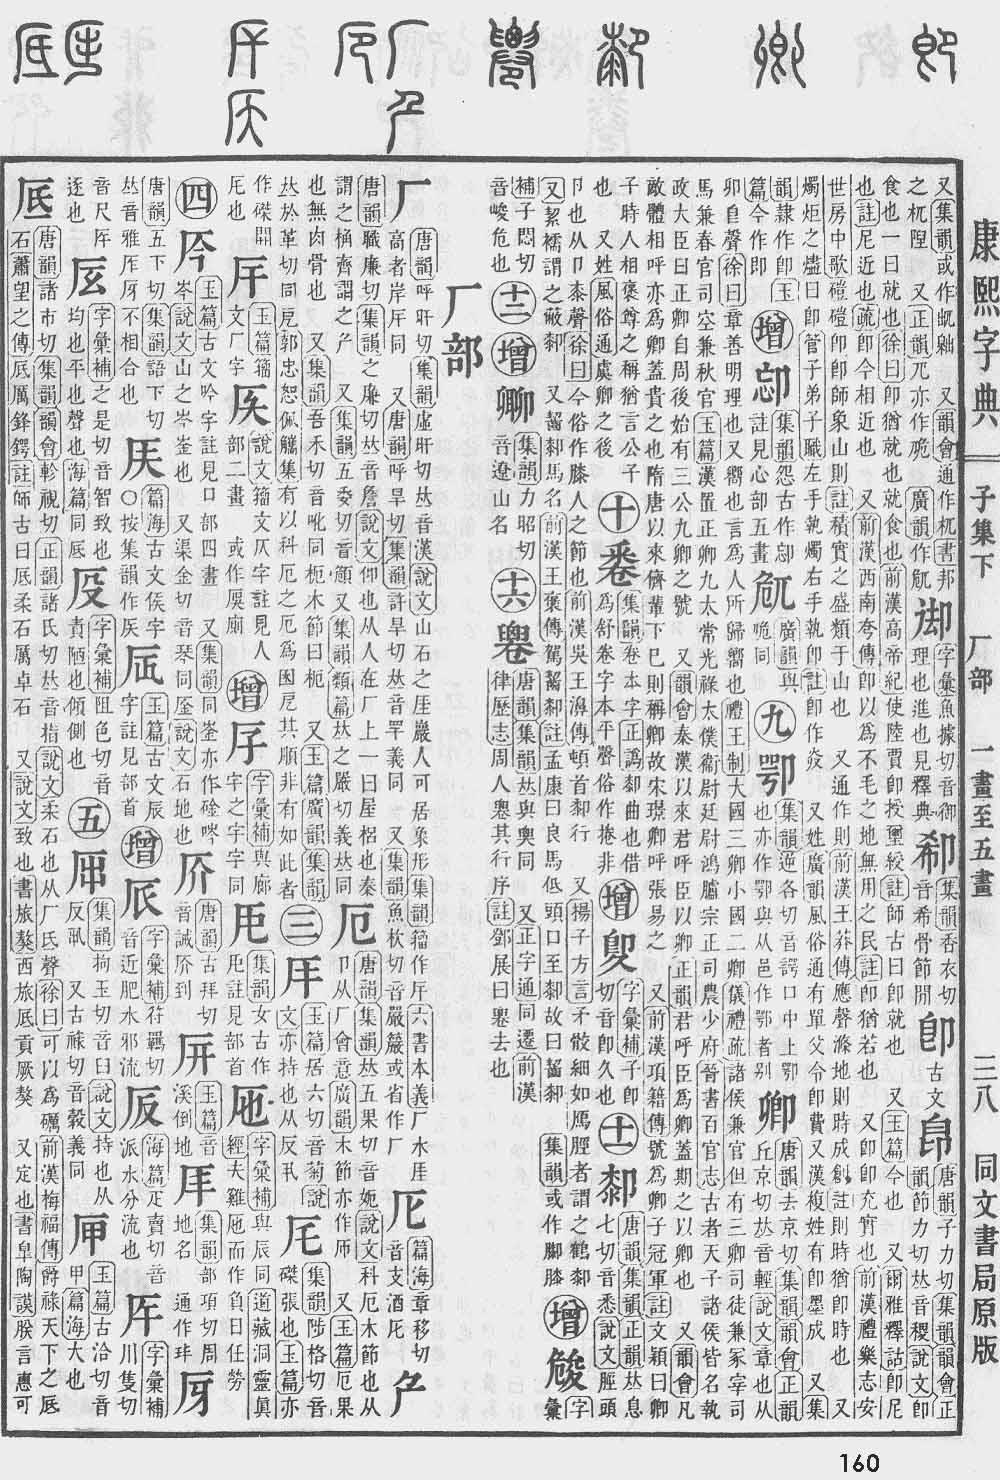 《康熙字典》第160页